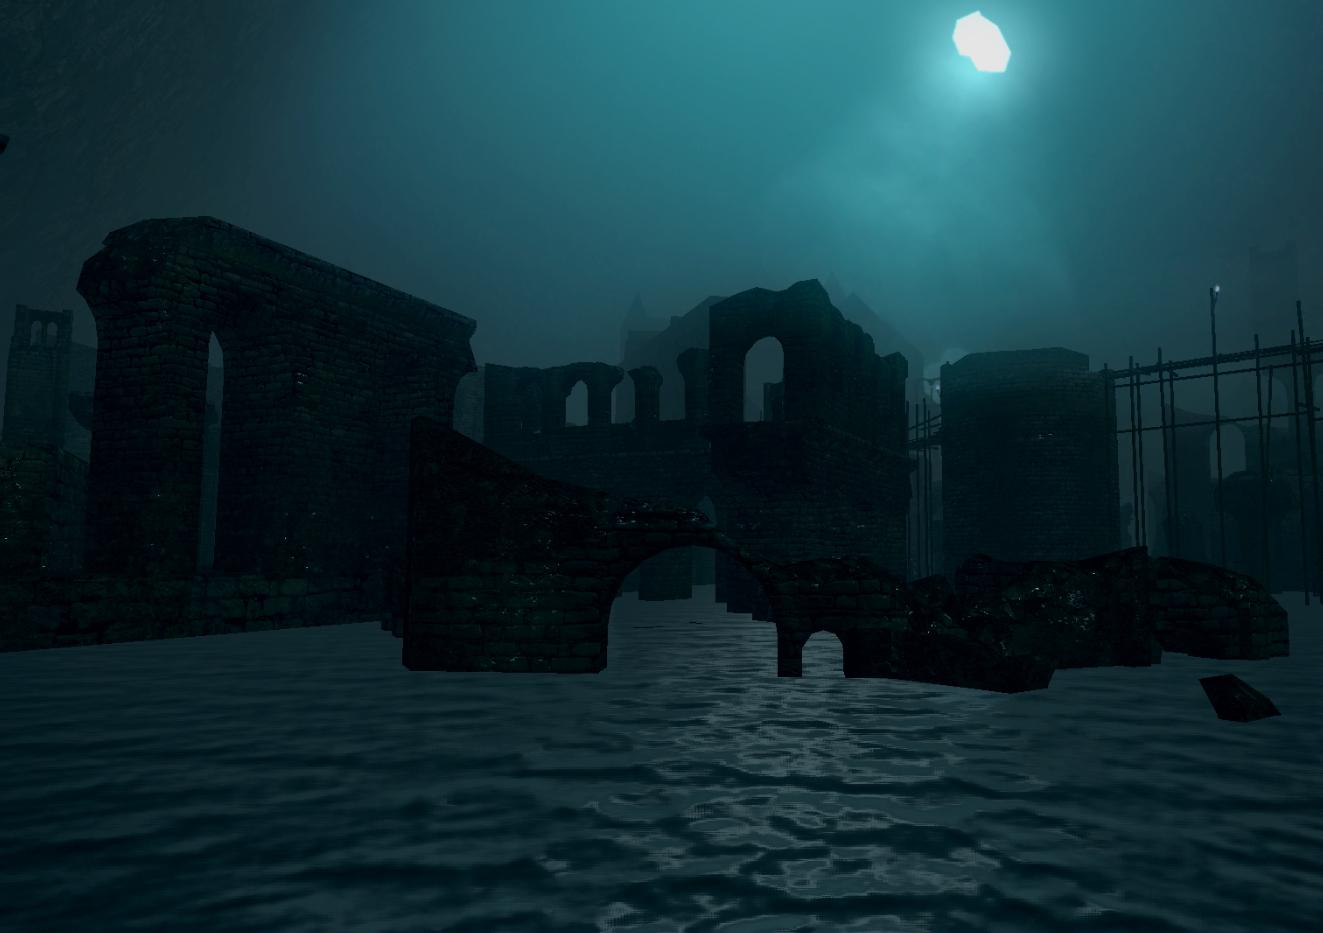 10 cose che devono tornare in Dark Souls 3 SPECIALE 6 5 4 3 2